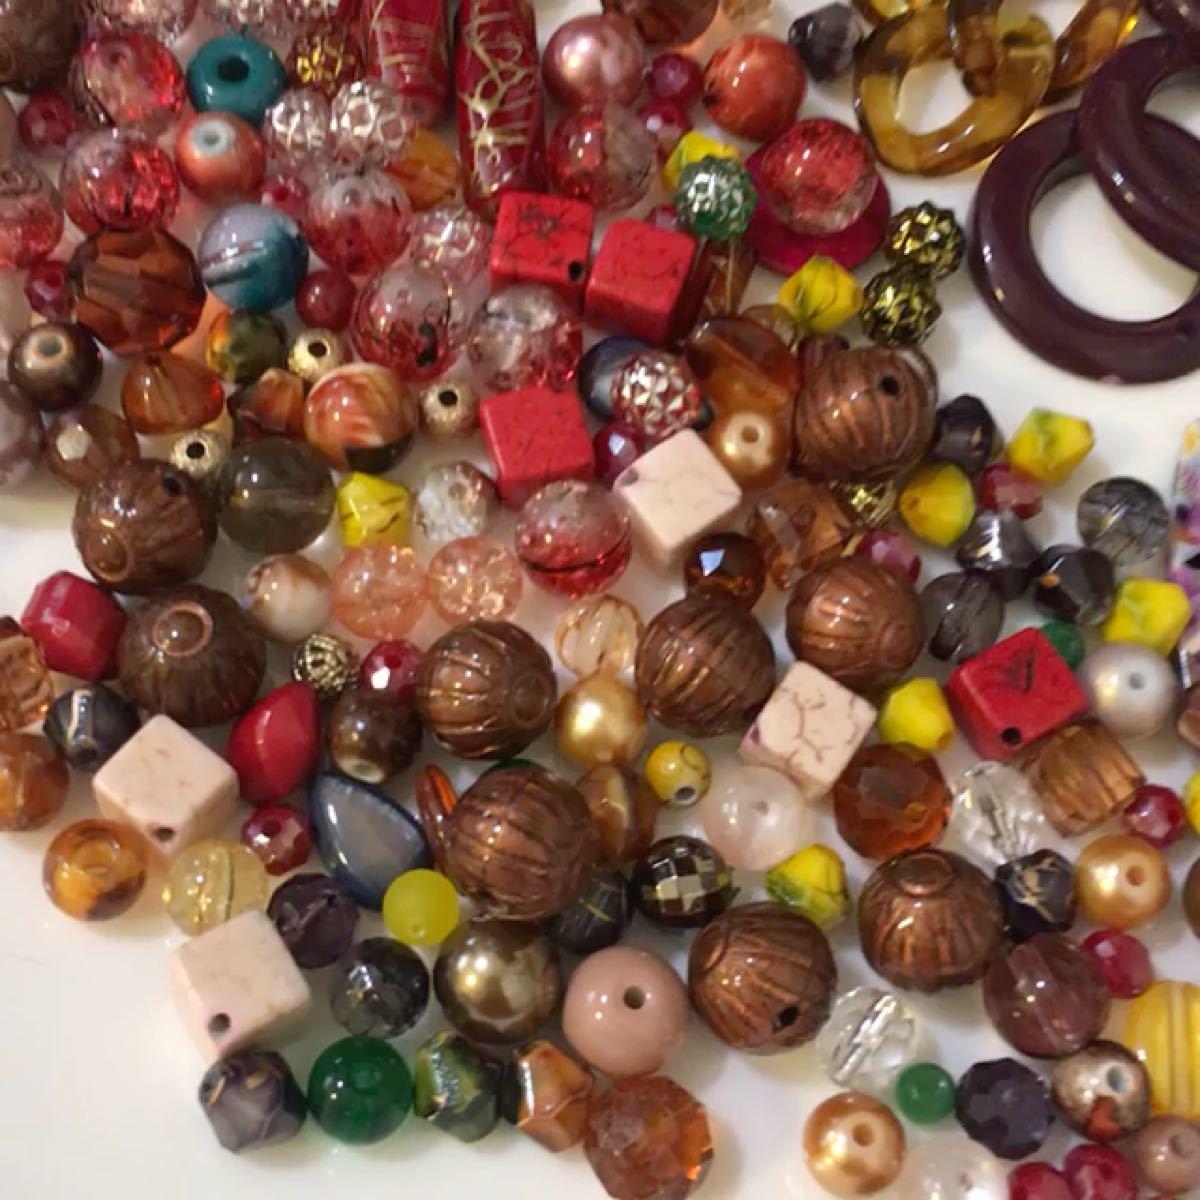 ガラスビーズ 天然石 アクセサリーパーツ アクリルビーズ 資材 セットお値下げしました!10月10日まで!1200円の商品